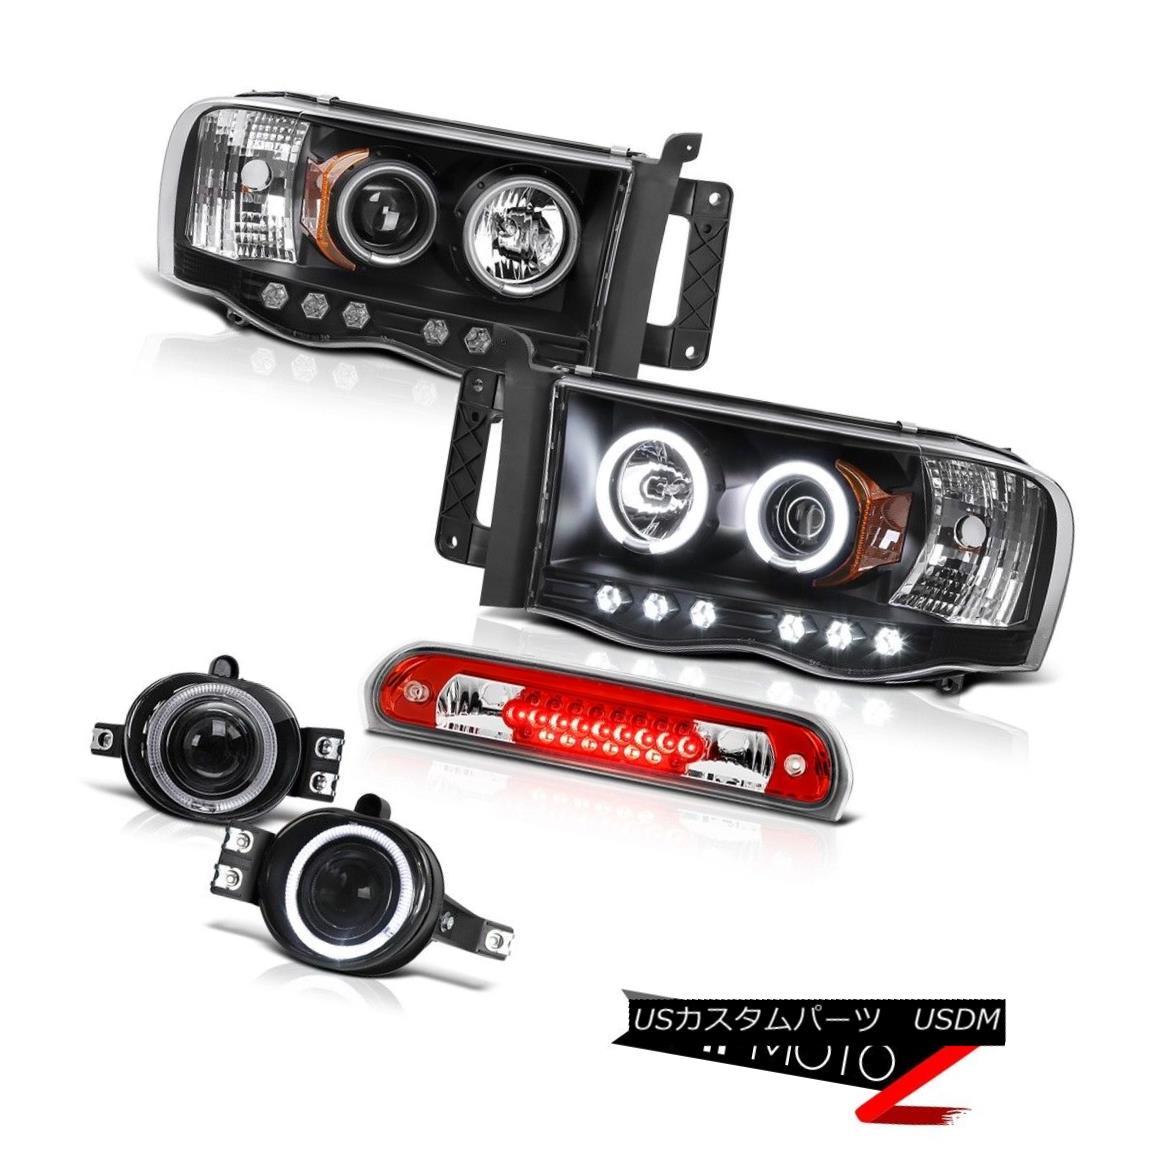 ヘッドライト 2X Black CCFL Projector Headlights Fog Roof Brake Cargo LED 02 03 04 05 Ram Hemi 2XブラックCCFLプロジェクターヘッドライトフォグ屋根ブレーキカーゴLED 02 03 04 05 Ram Hemi